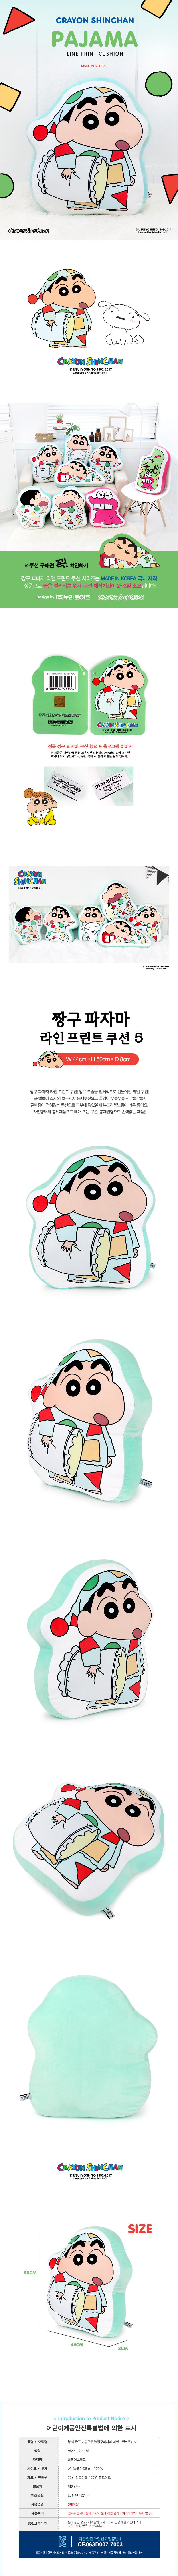 짱구 파자마 라인프린트쿠션 5 - 누리토이즈, 29,000원, 캐릭터인형, 게임/애니메이션